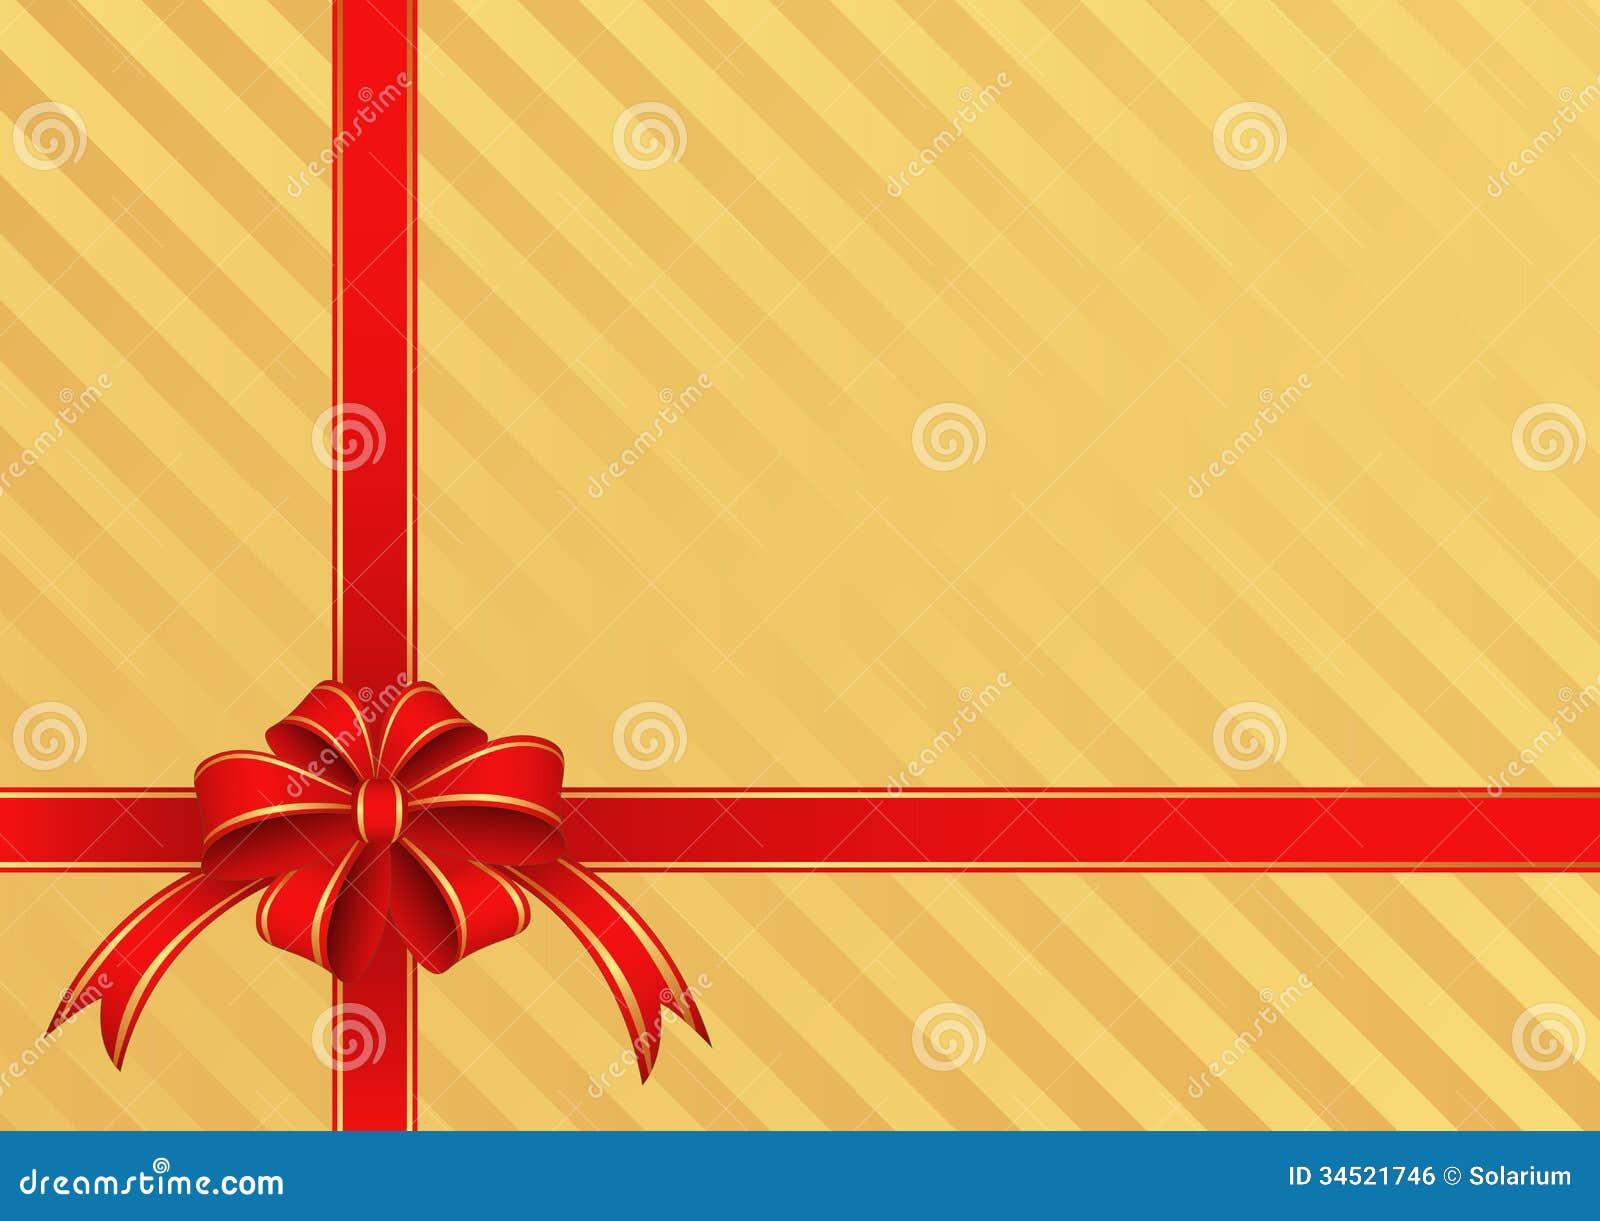 Background Gift Royalty Free Stock Image Image 34521746